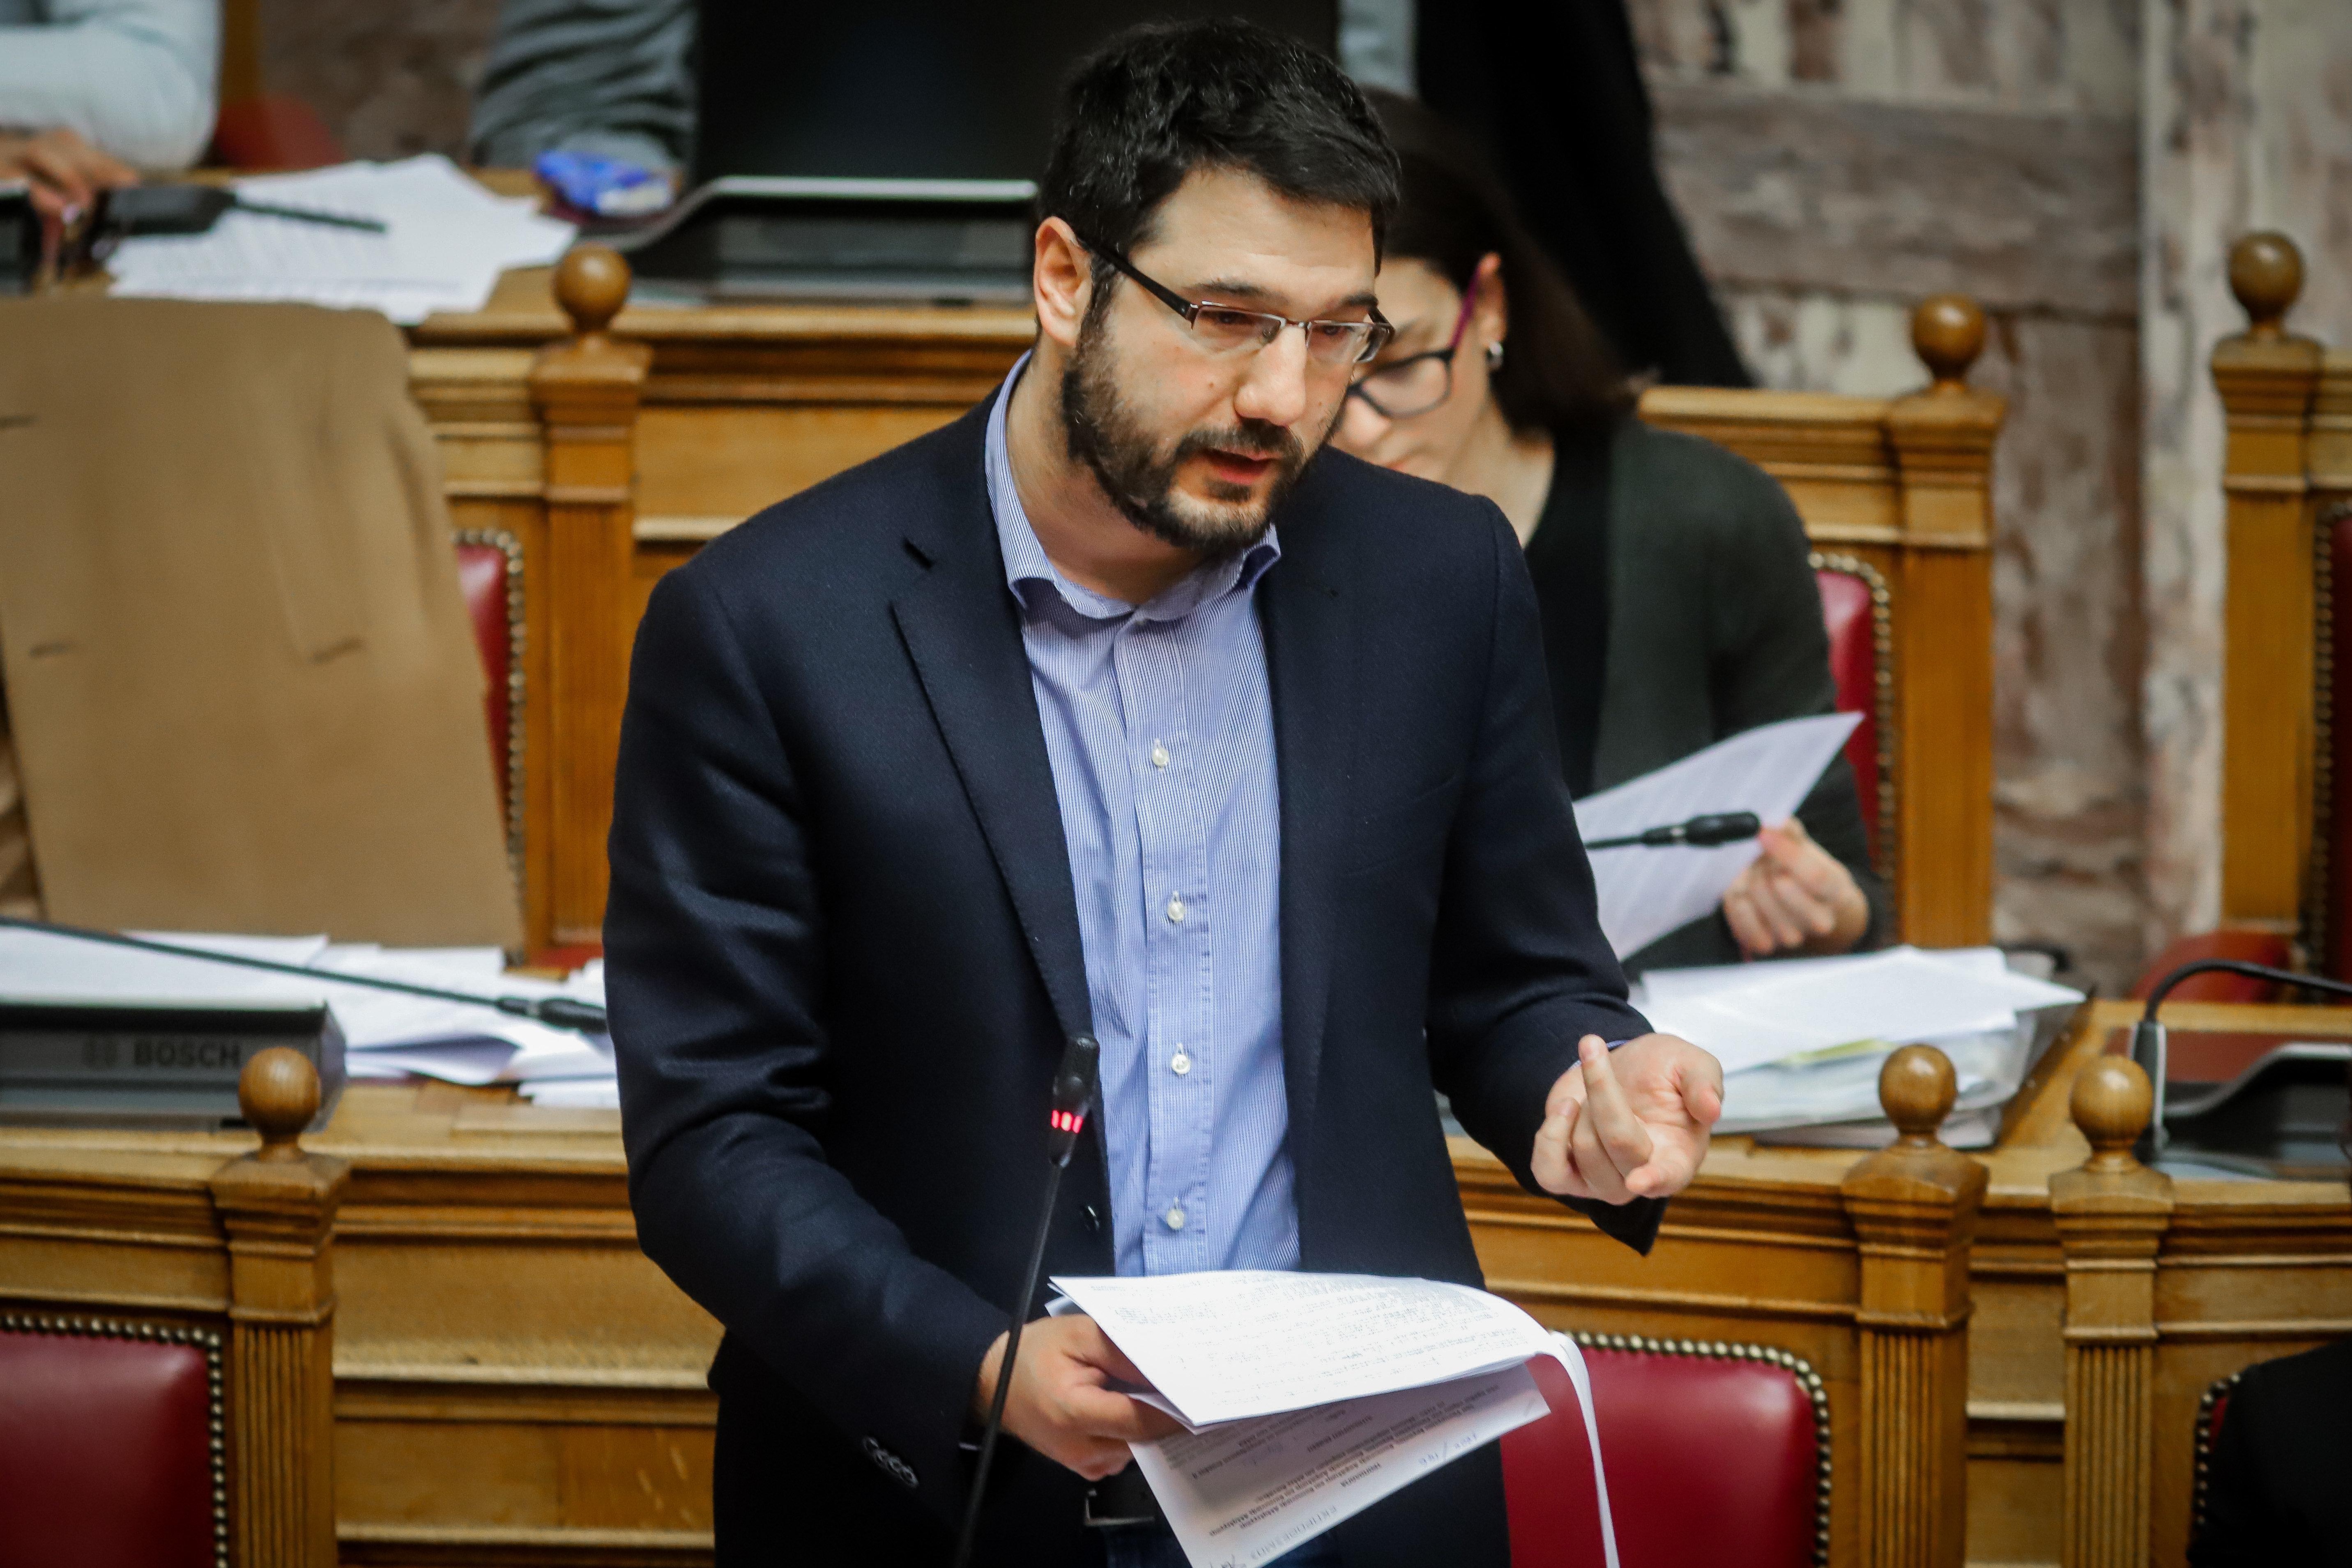 Κι επίσημα o Νάσος Ηλιόπουλος υποψήφιος δήμαρχος του ΣΥΡΙΖΑ στην